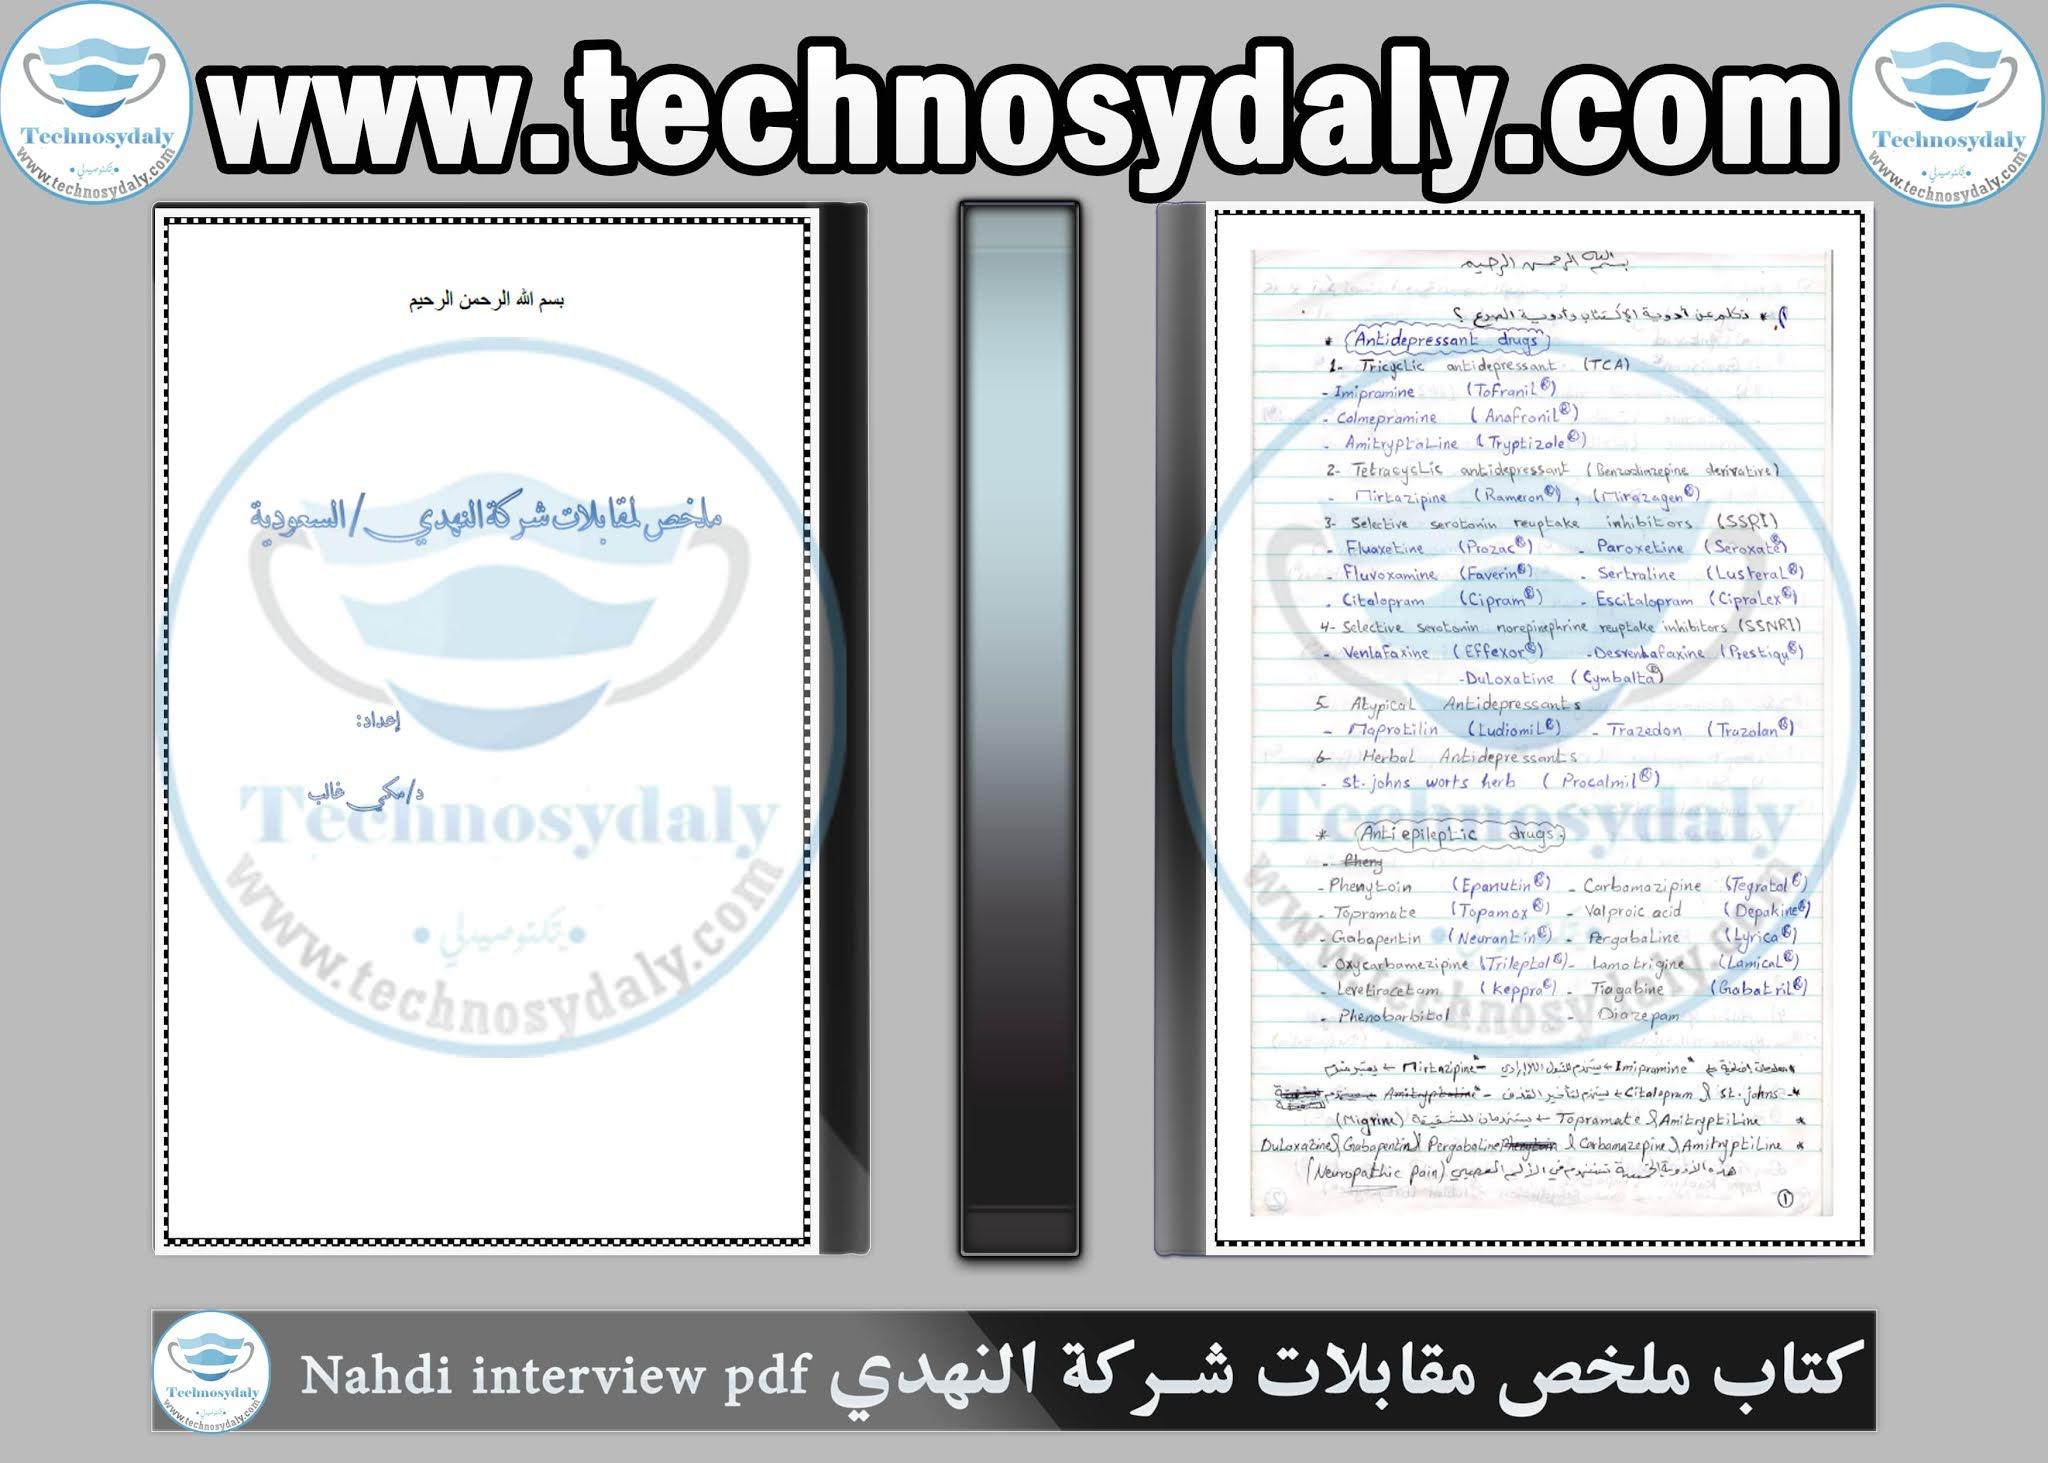 كتاب ملخص مقابلات شركة النهدي Nahdi interview pdf